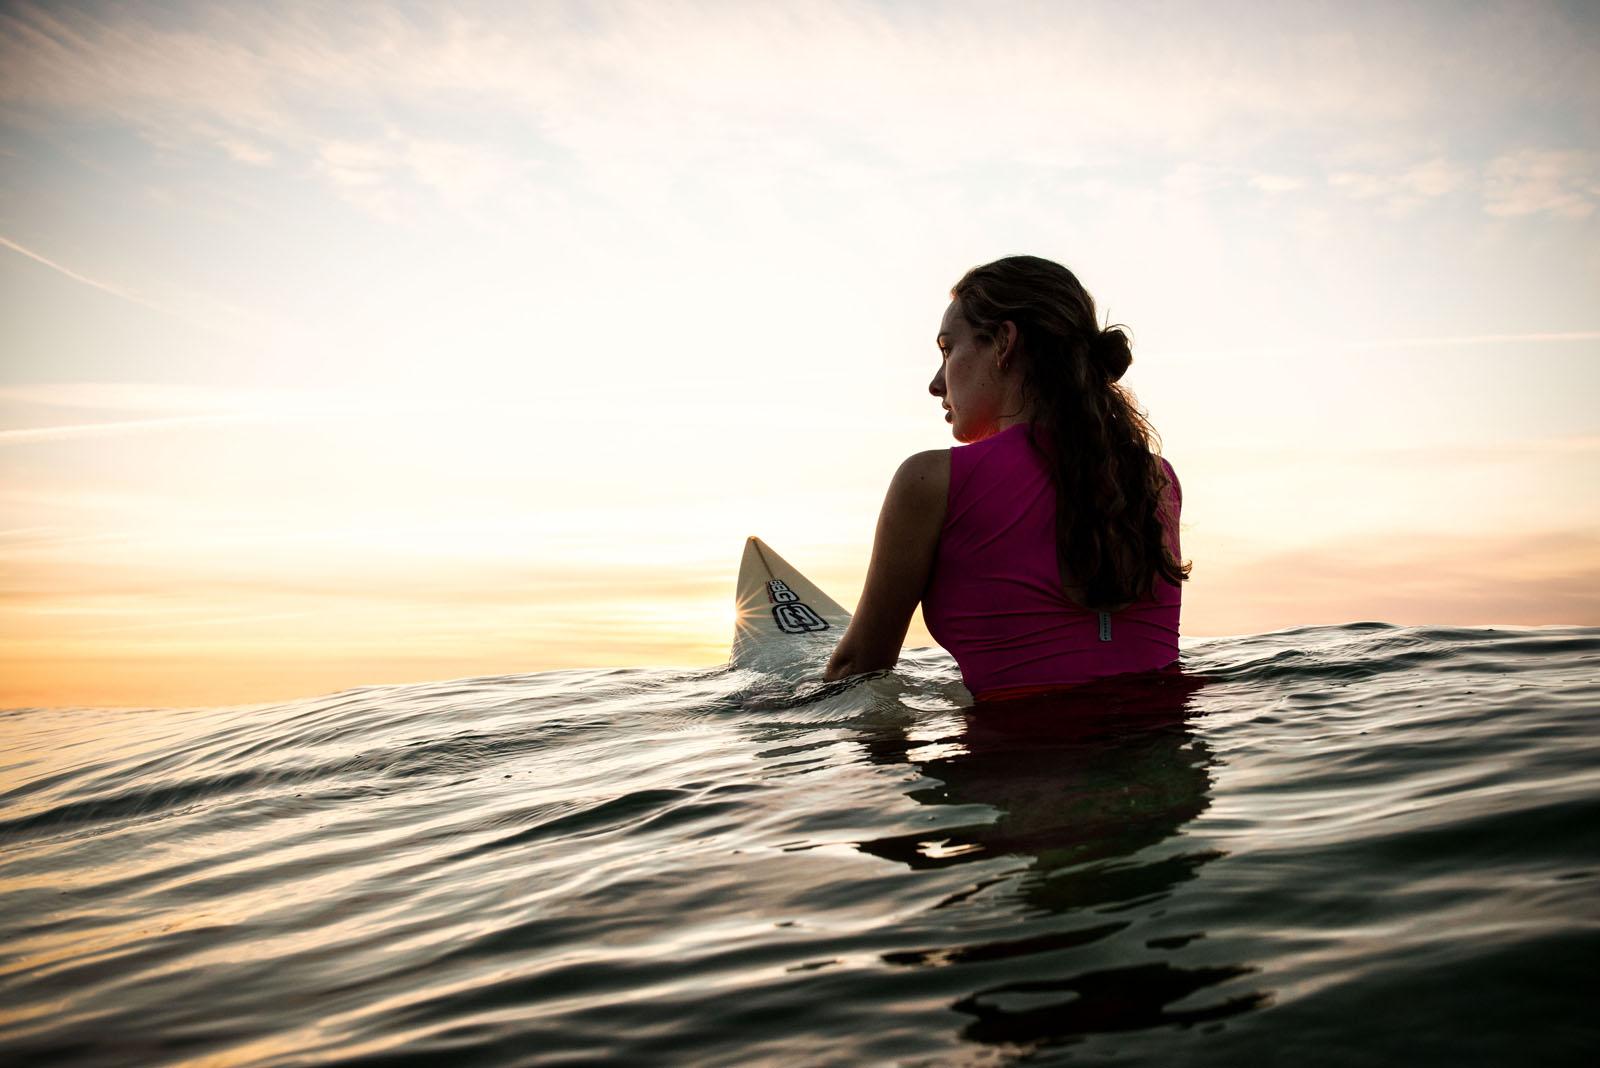 Maria Surfing